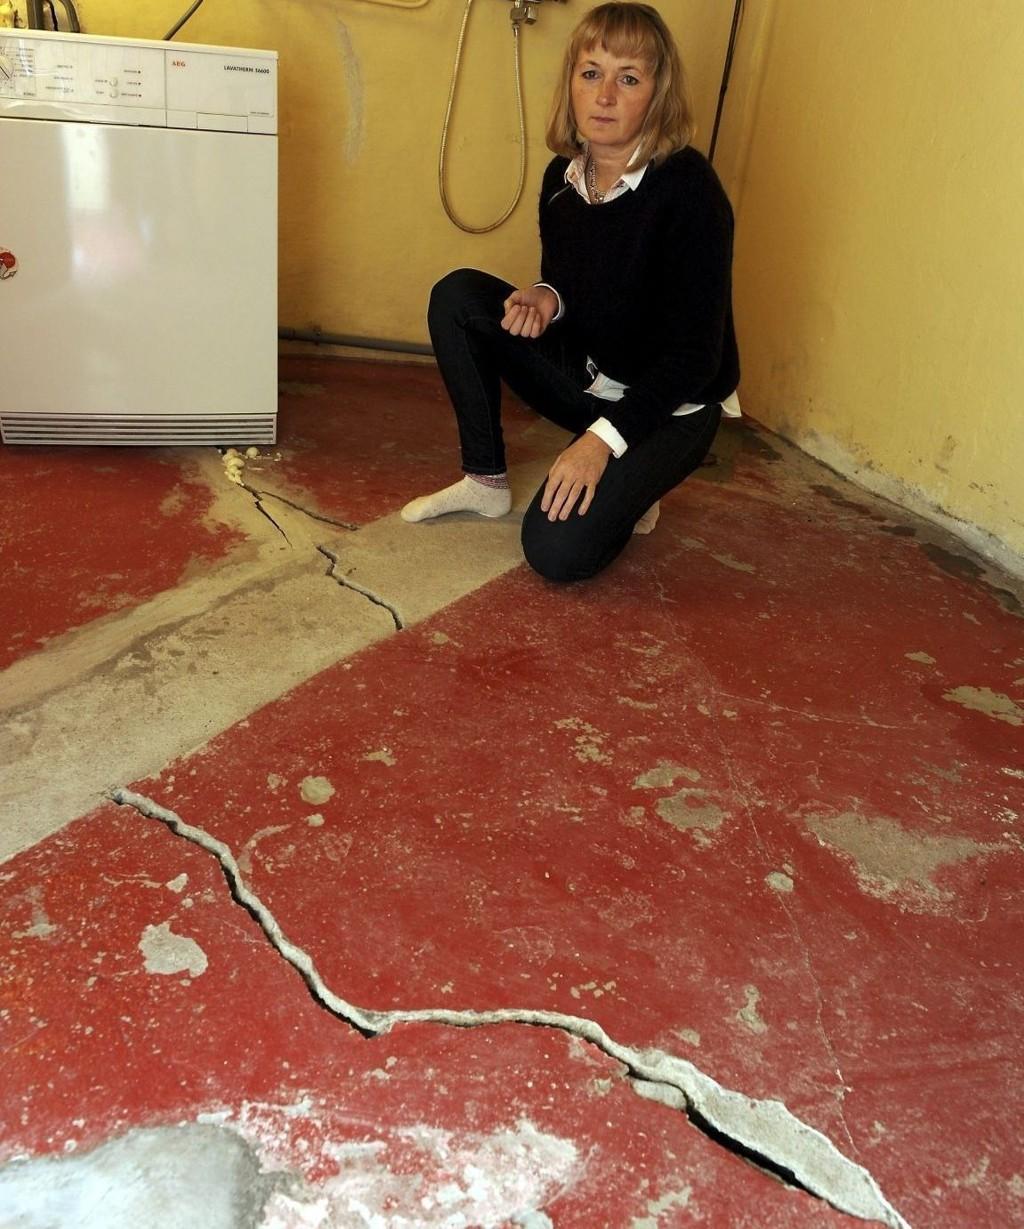 STARTET I KJELLEREN: Her – i kjelleren – startet huset å sprekke opp for tre år siden. Sprekken i gulvet er en av mange rundt om i boligen.